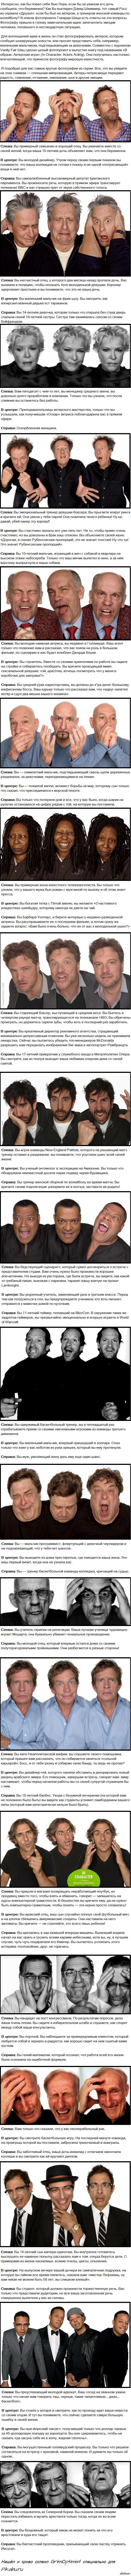 Чудеса актёрской импровизации. Радость, сомнение, отчаяние, шок на лицах актеров в фотопроекте Говарда Шаца.